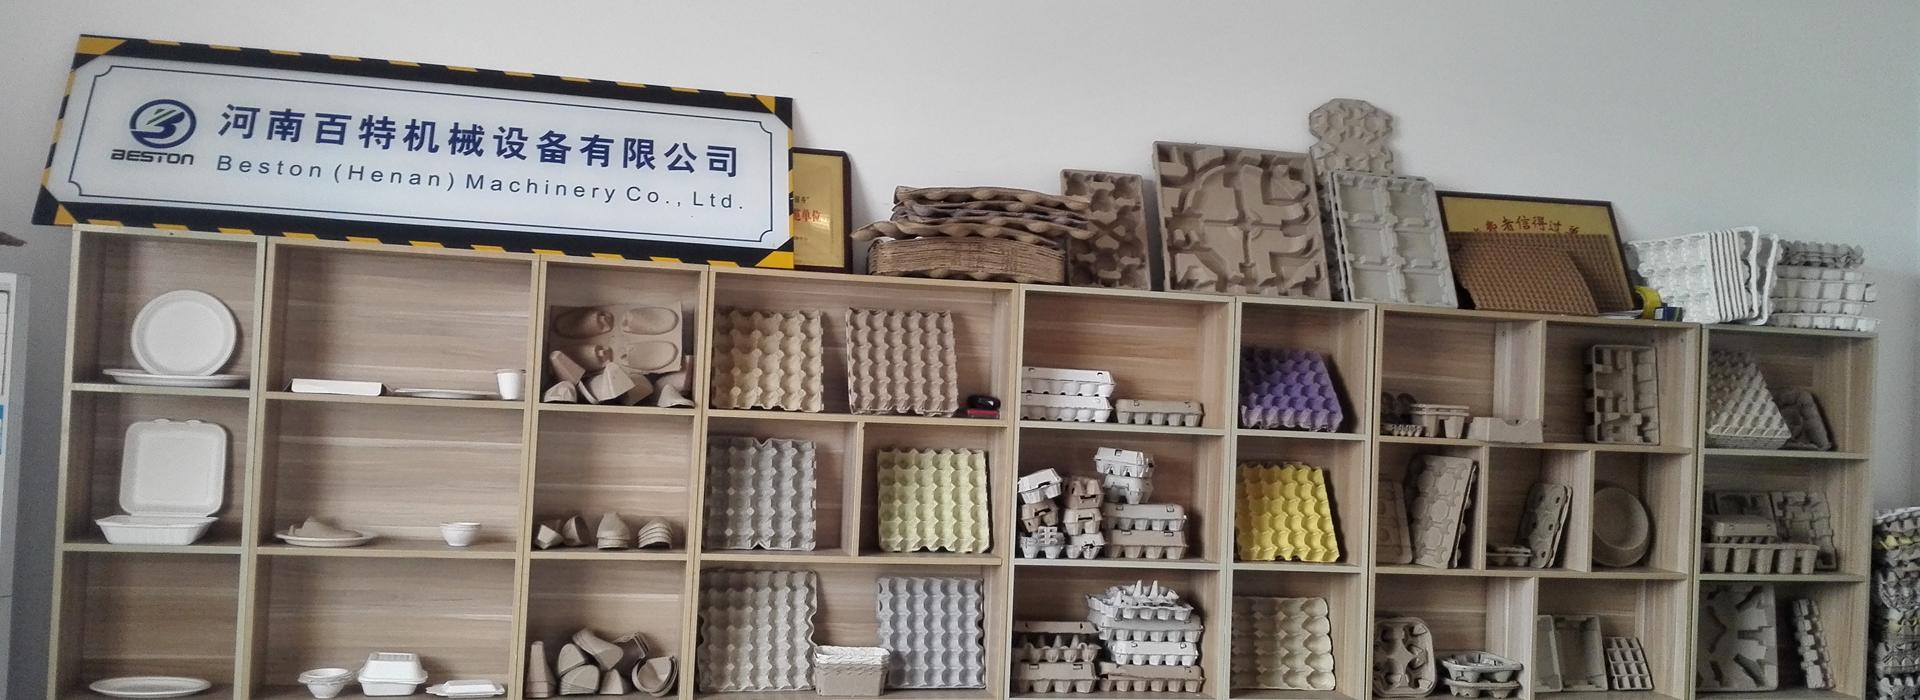 productos de moldeo de pulpa